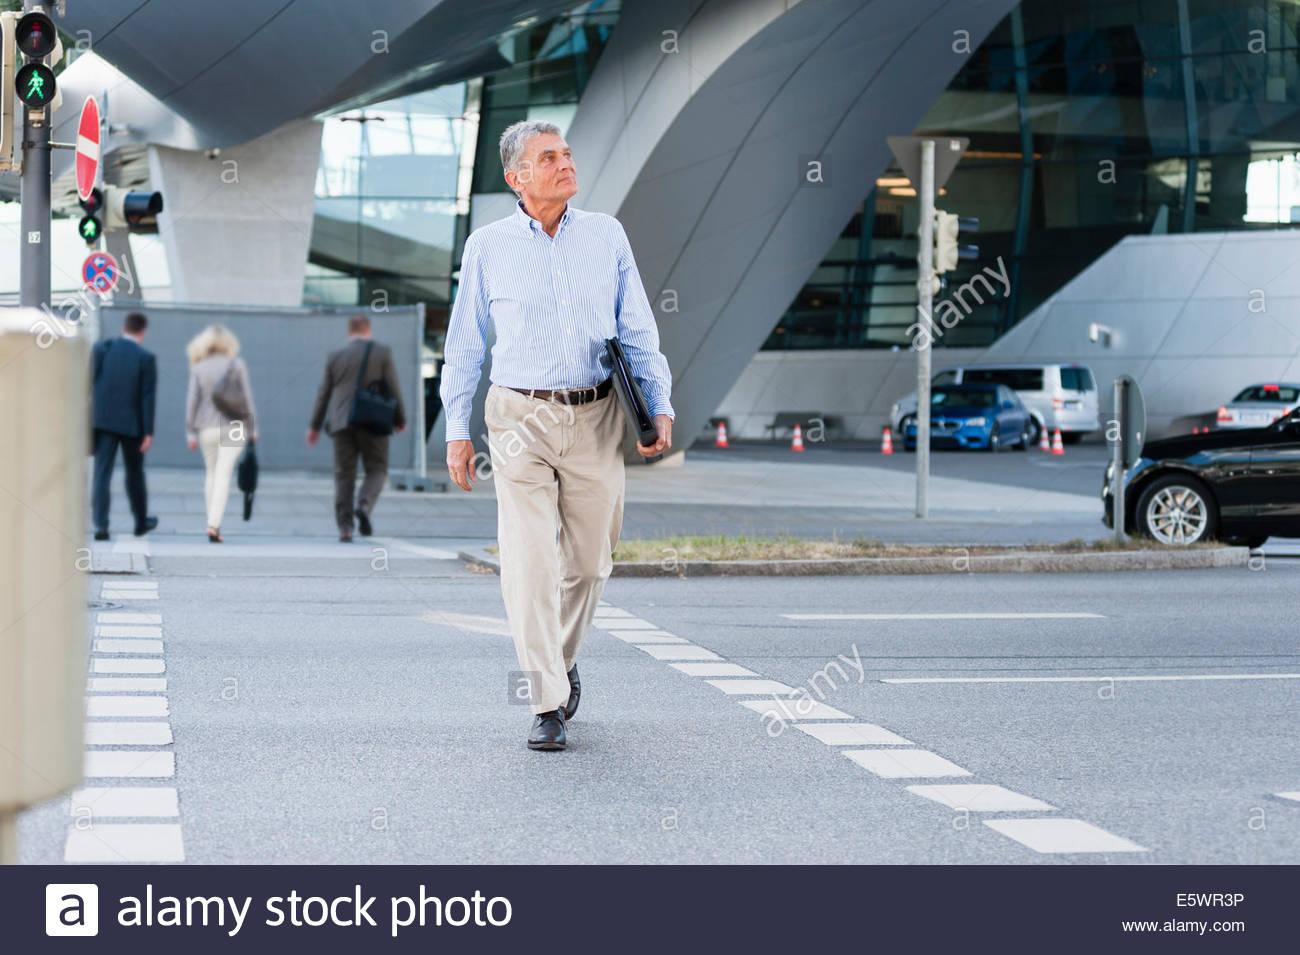 Ältere Erwachsene Geschäftsmann auf Straße Stockbild